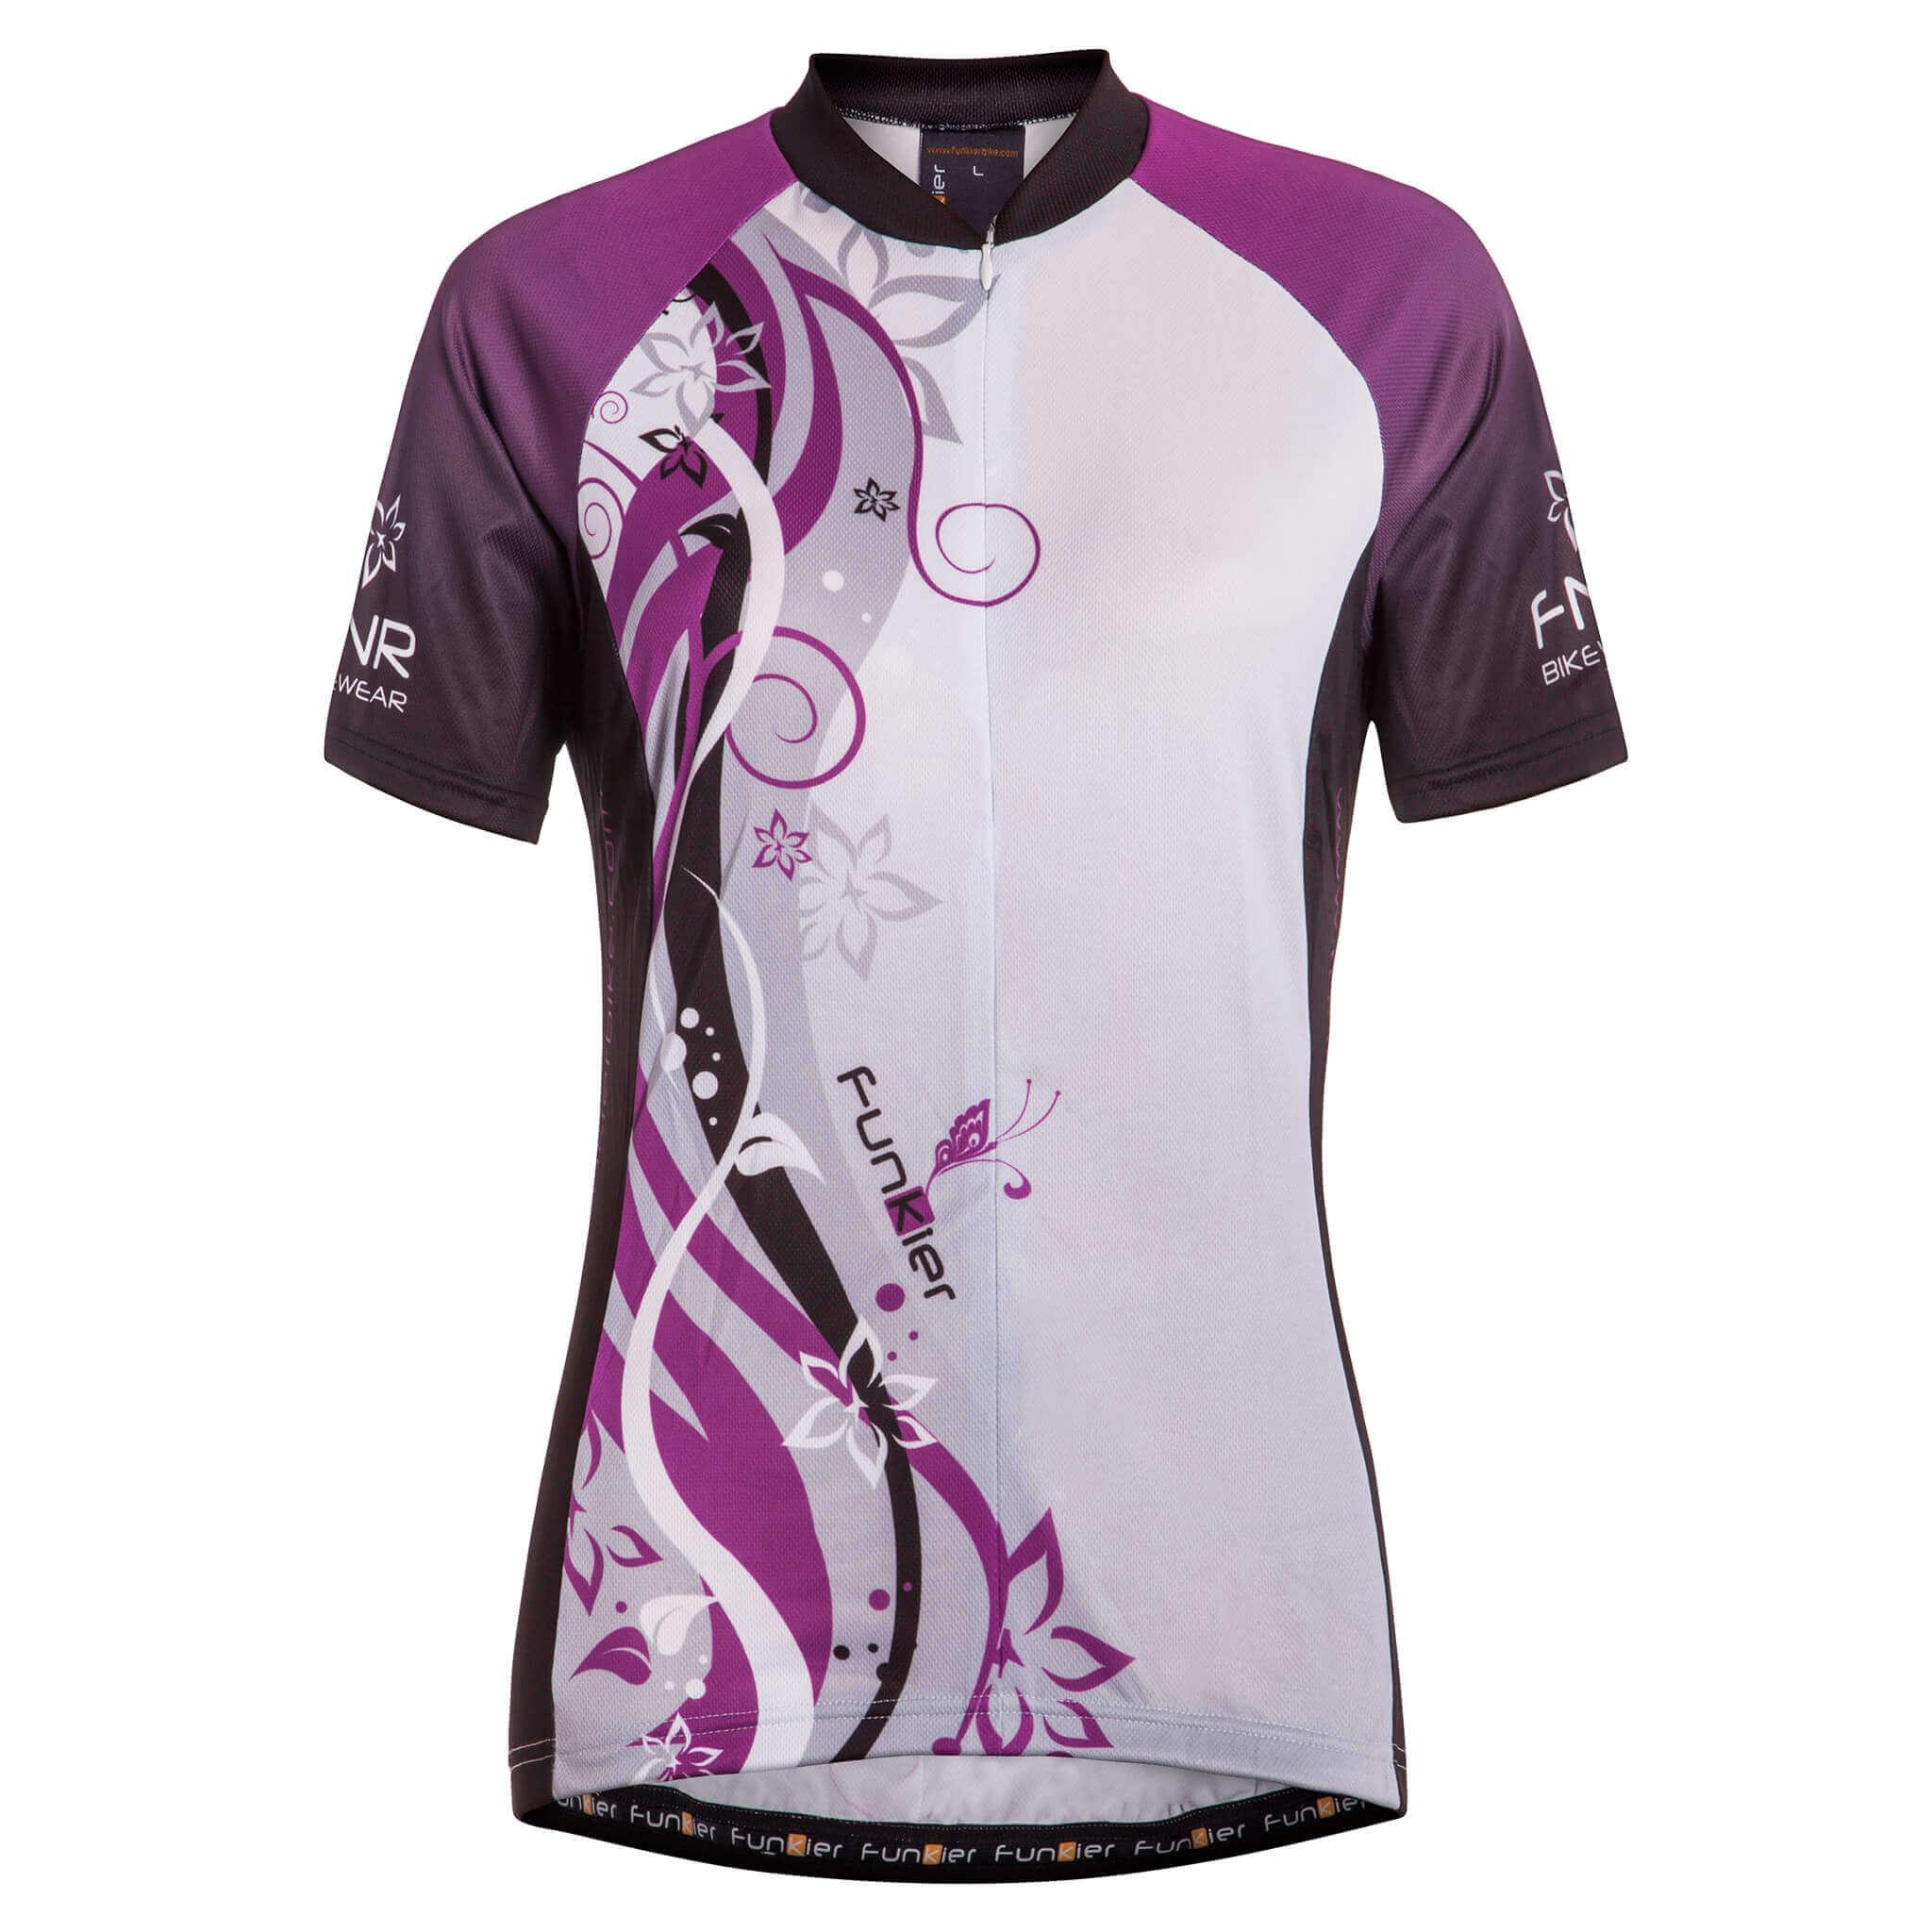 cd8f06a94 Ladies Short Sleeve Jersey J-383 - Funkier Bike